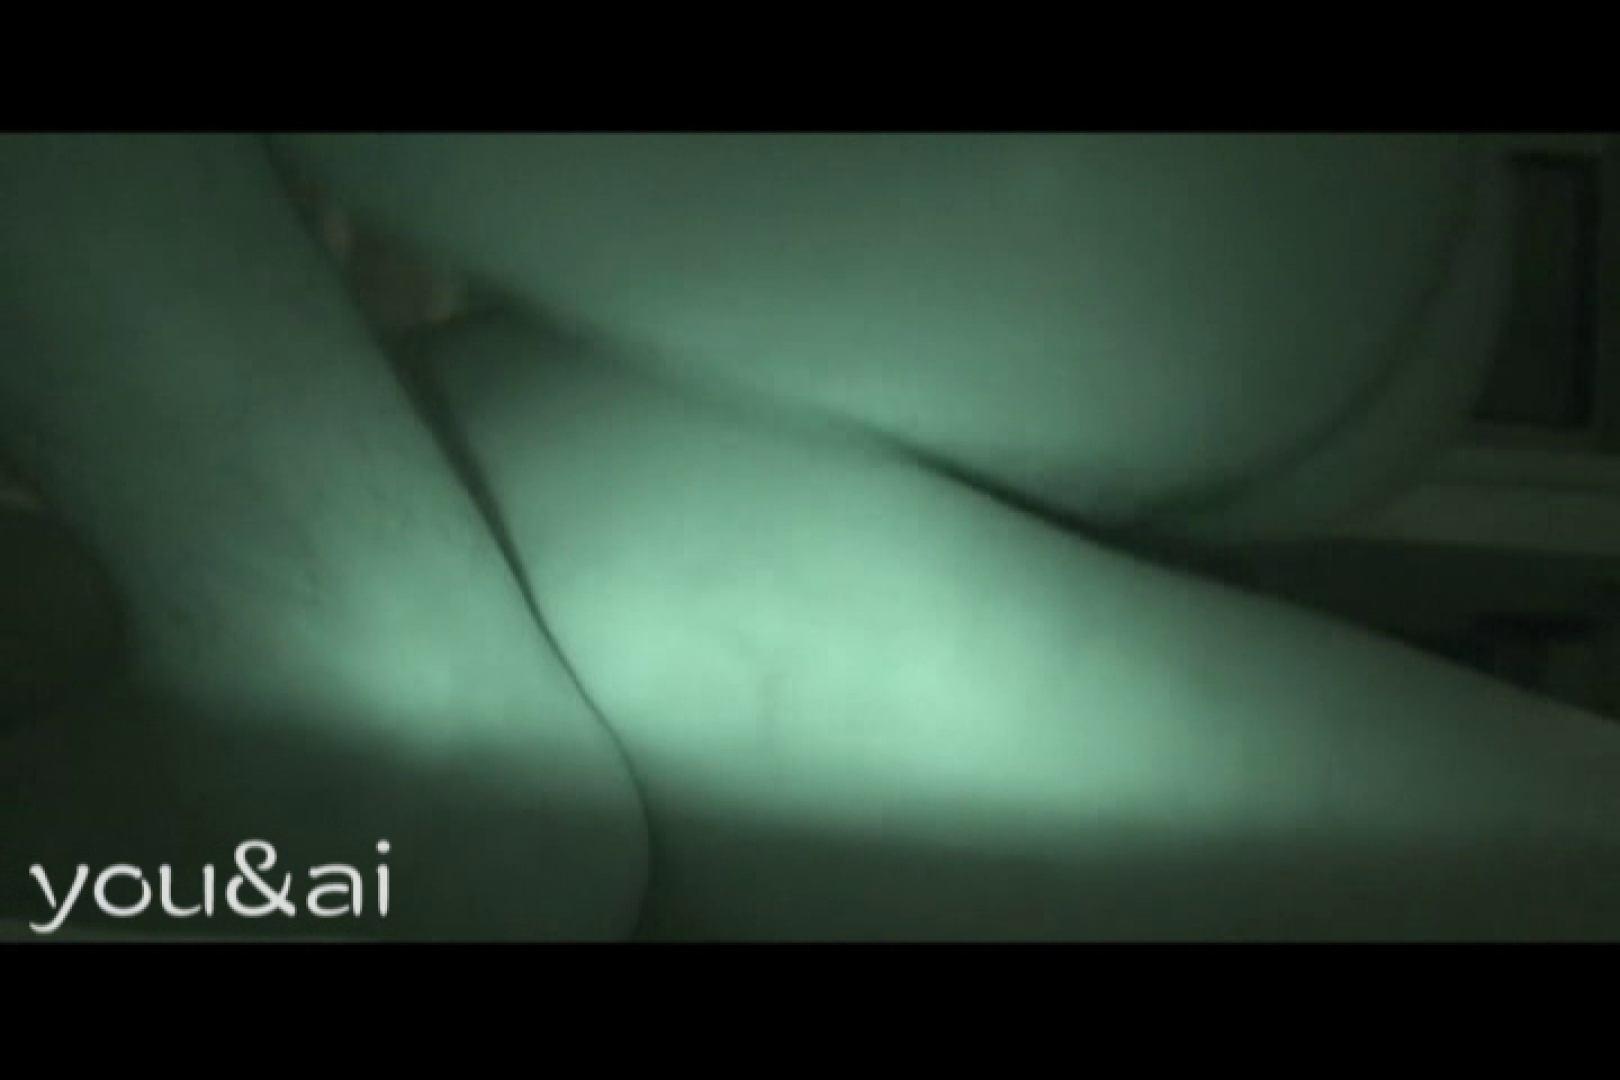 おしどり夫婦のyou&aiさん投稿作品vol.3 OL | 投稿  69連発 43